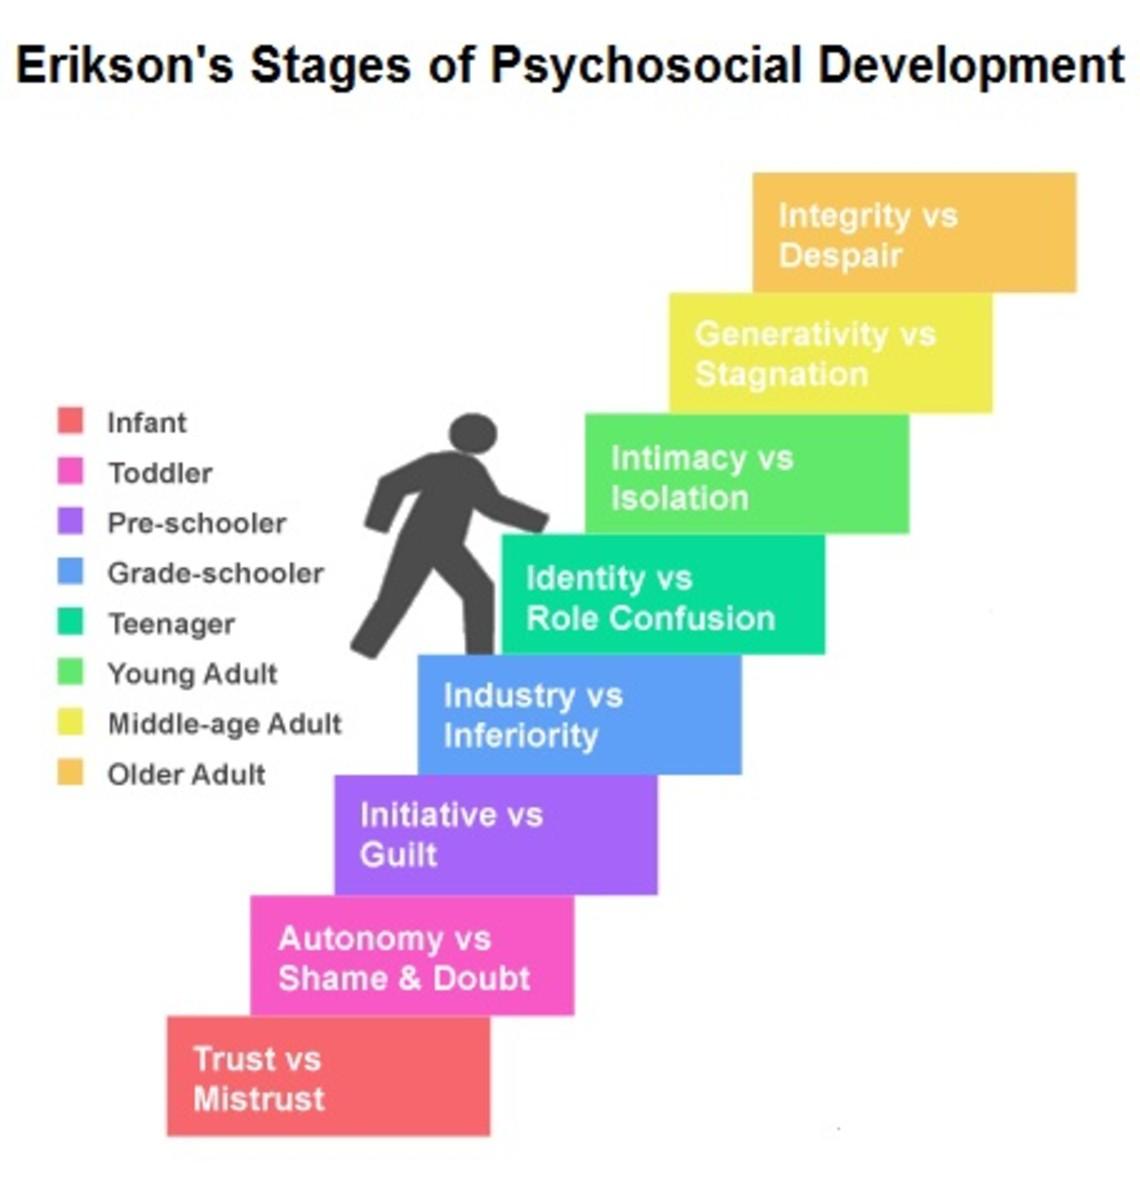 Erik Erikson's Lifespan Development Theory